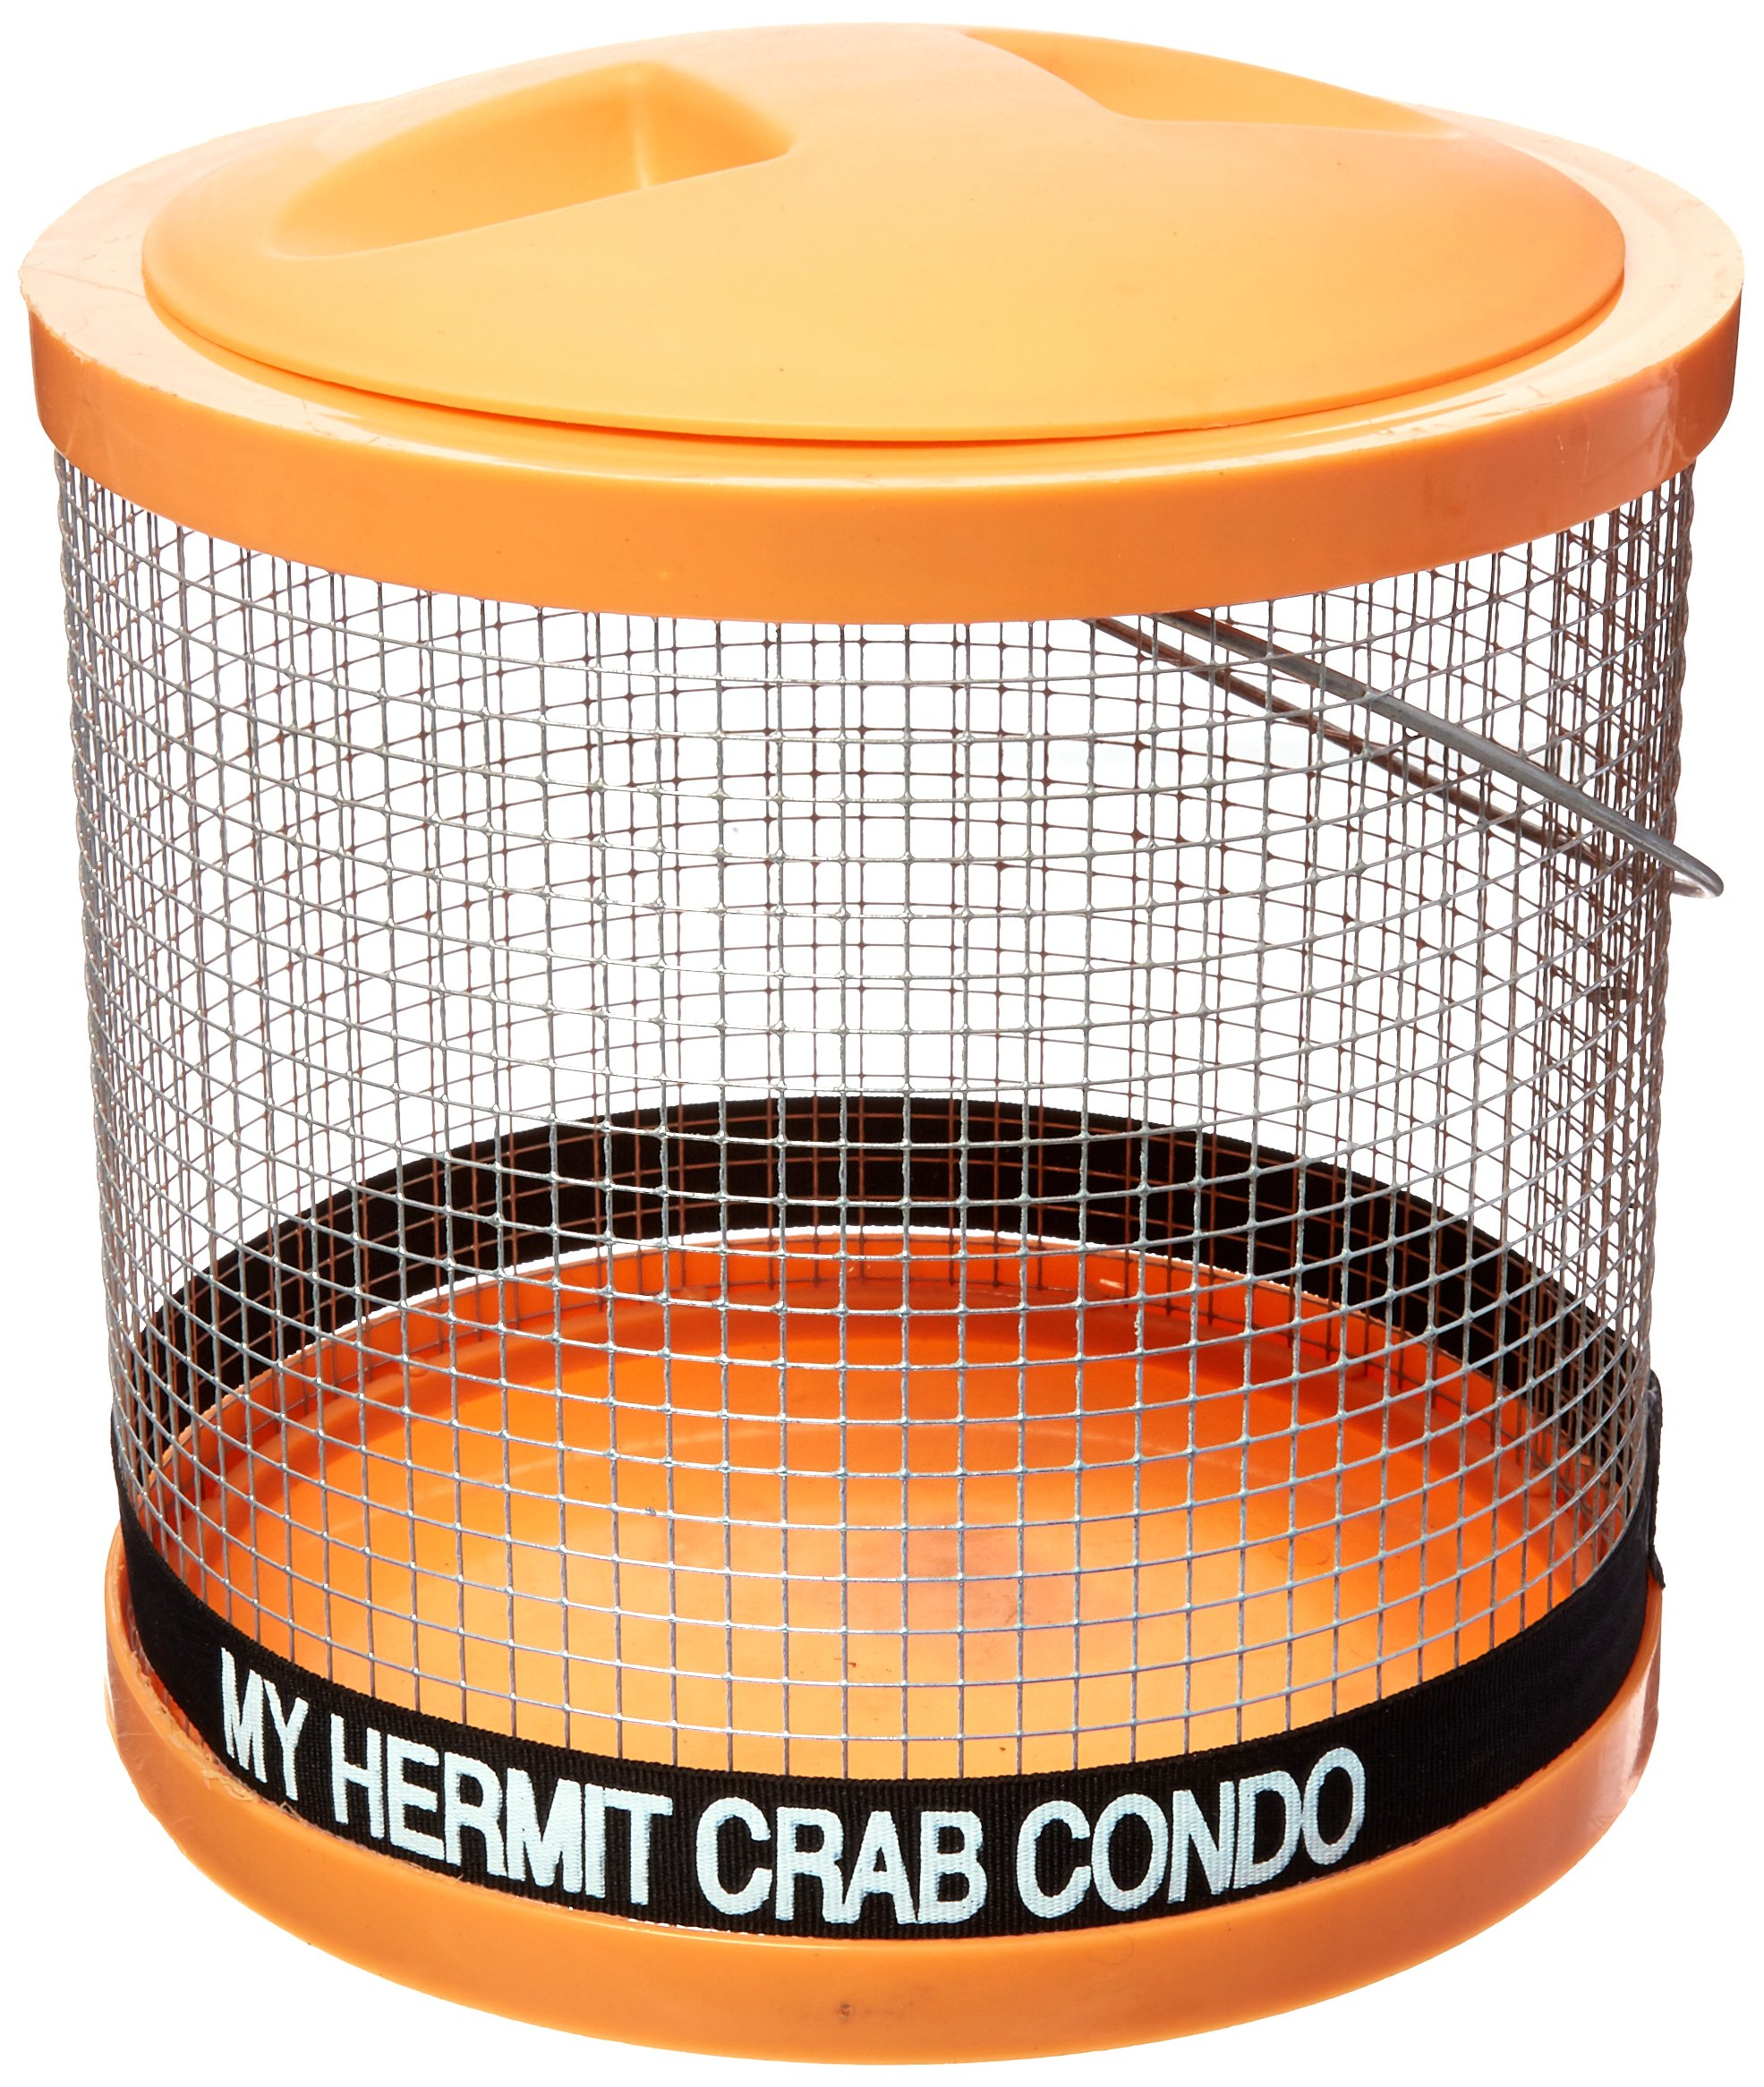 Florida Marine Research SFM22424 Hermit Crab Cage, Medium